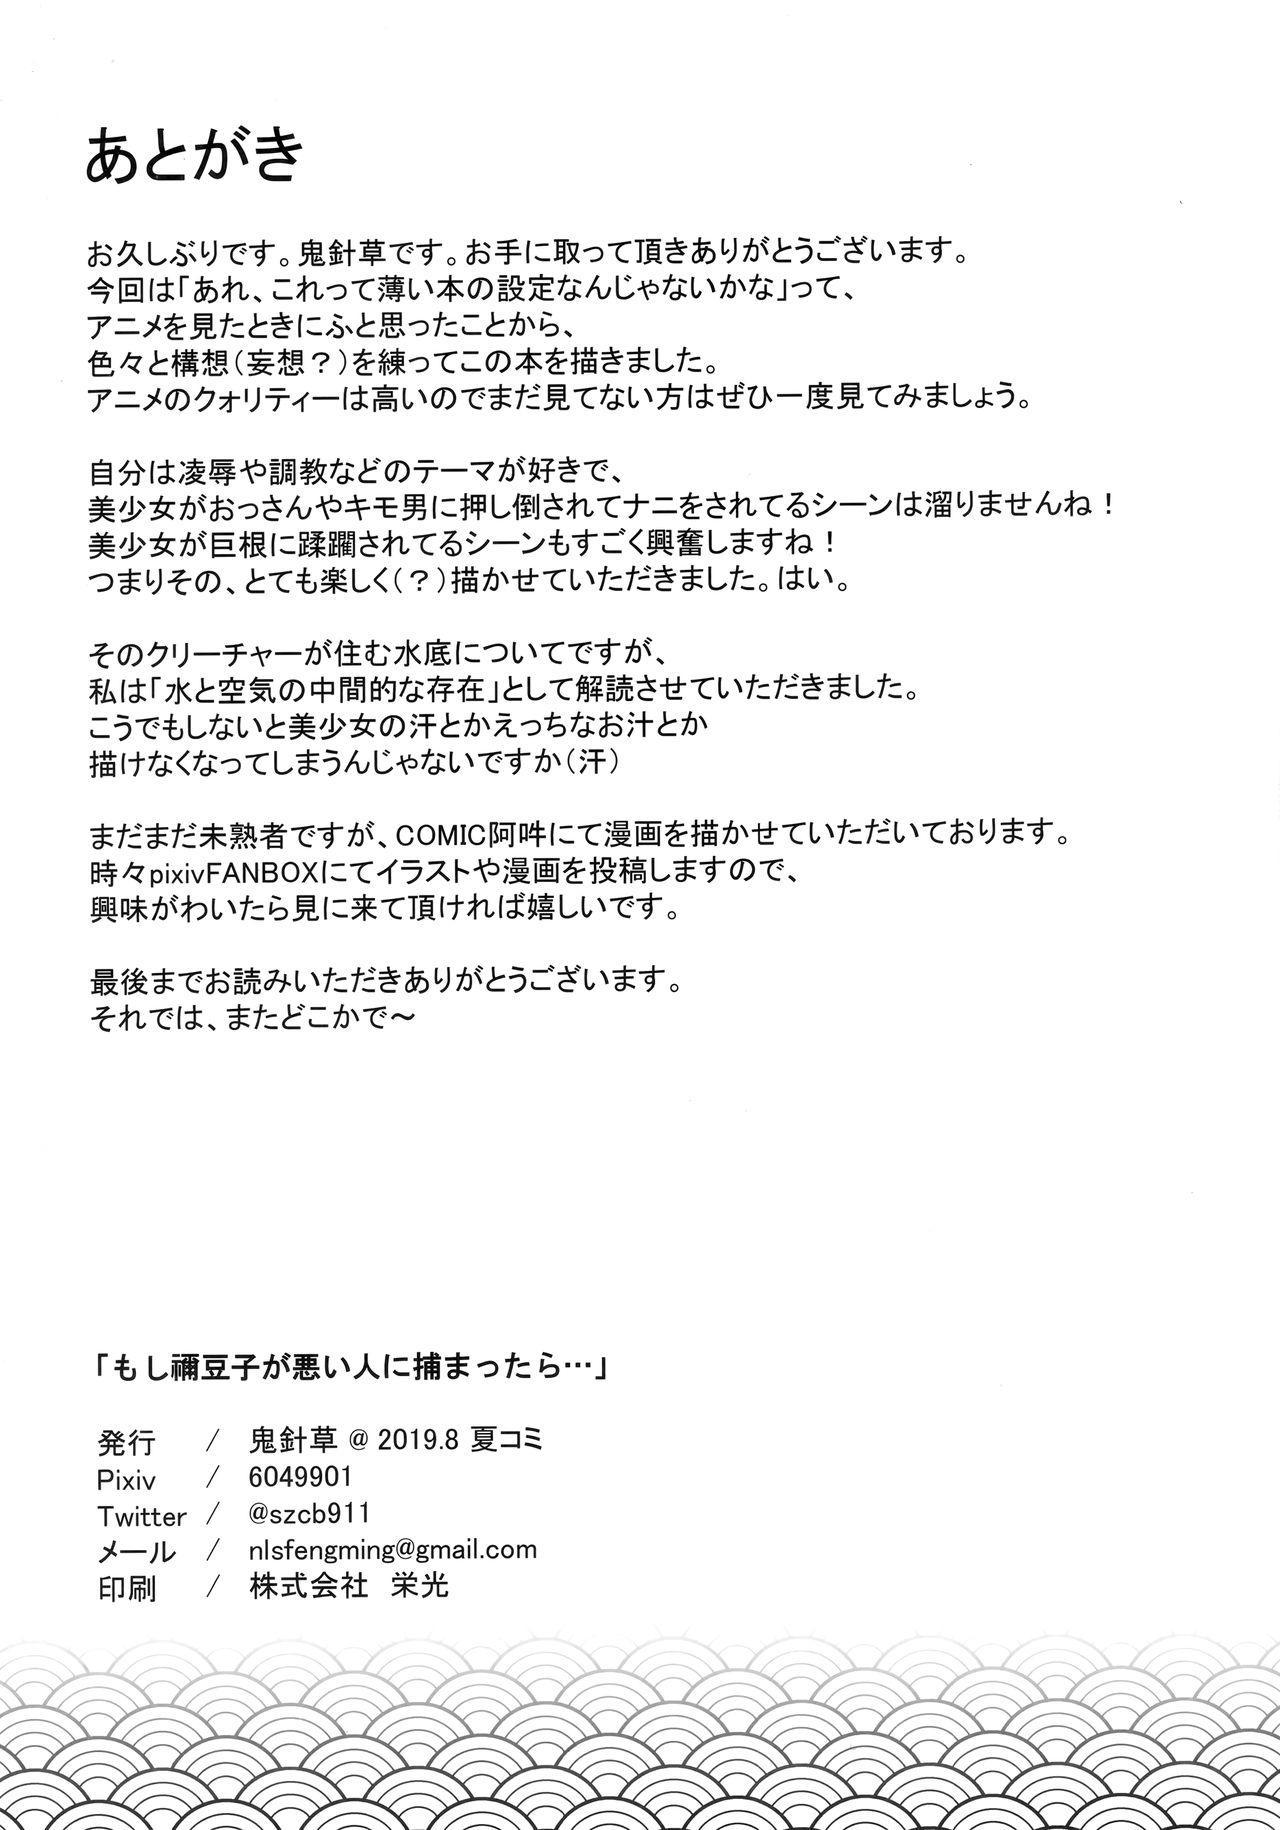 Moshi Nezuko ga Warui Hito ni Tsukamattara… 19